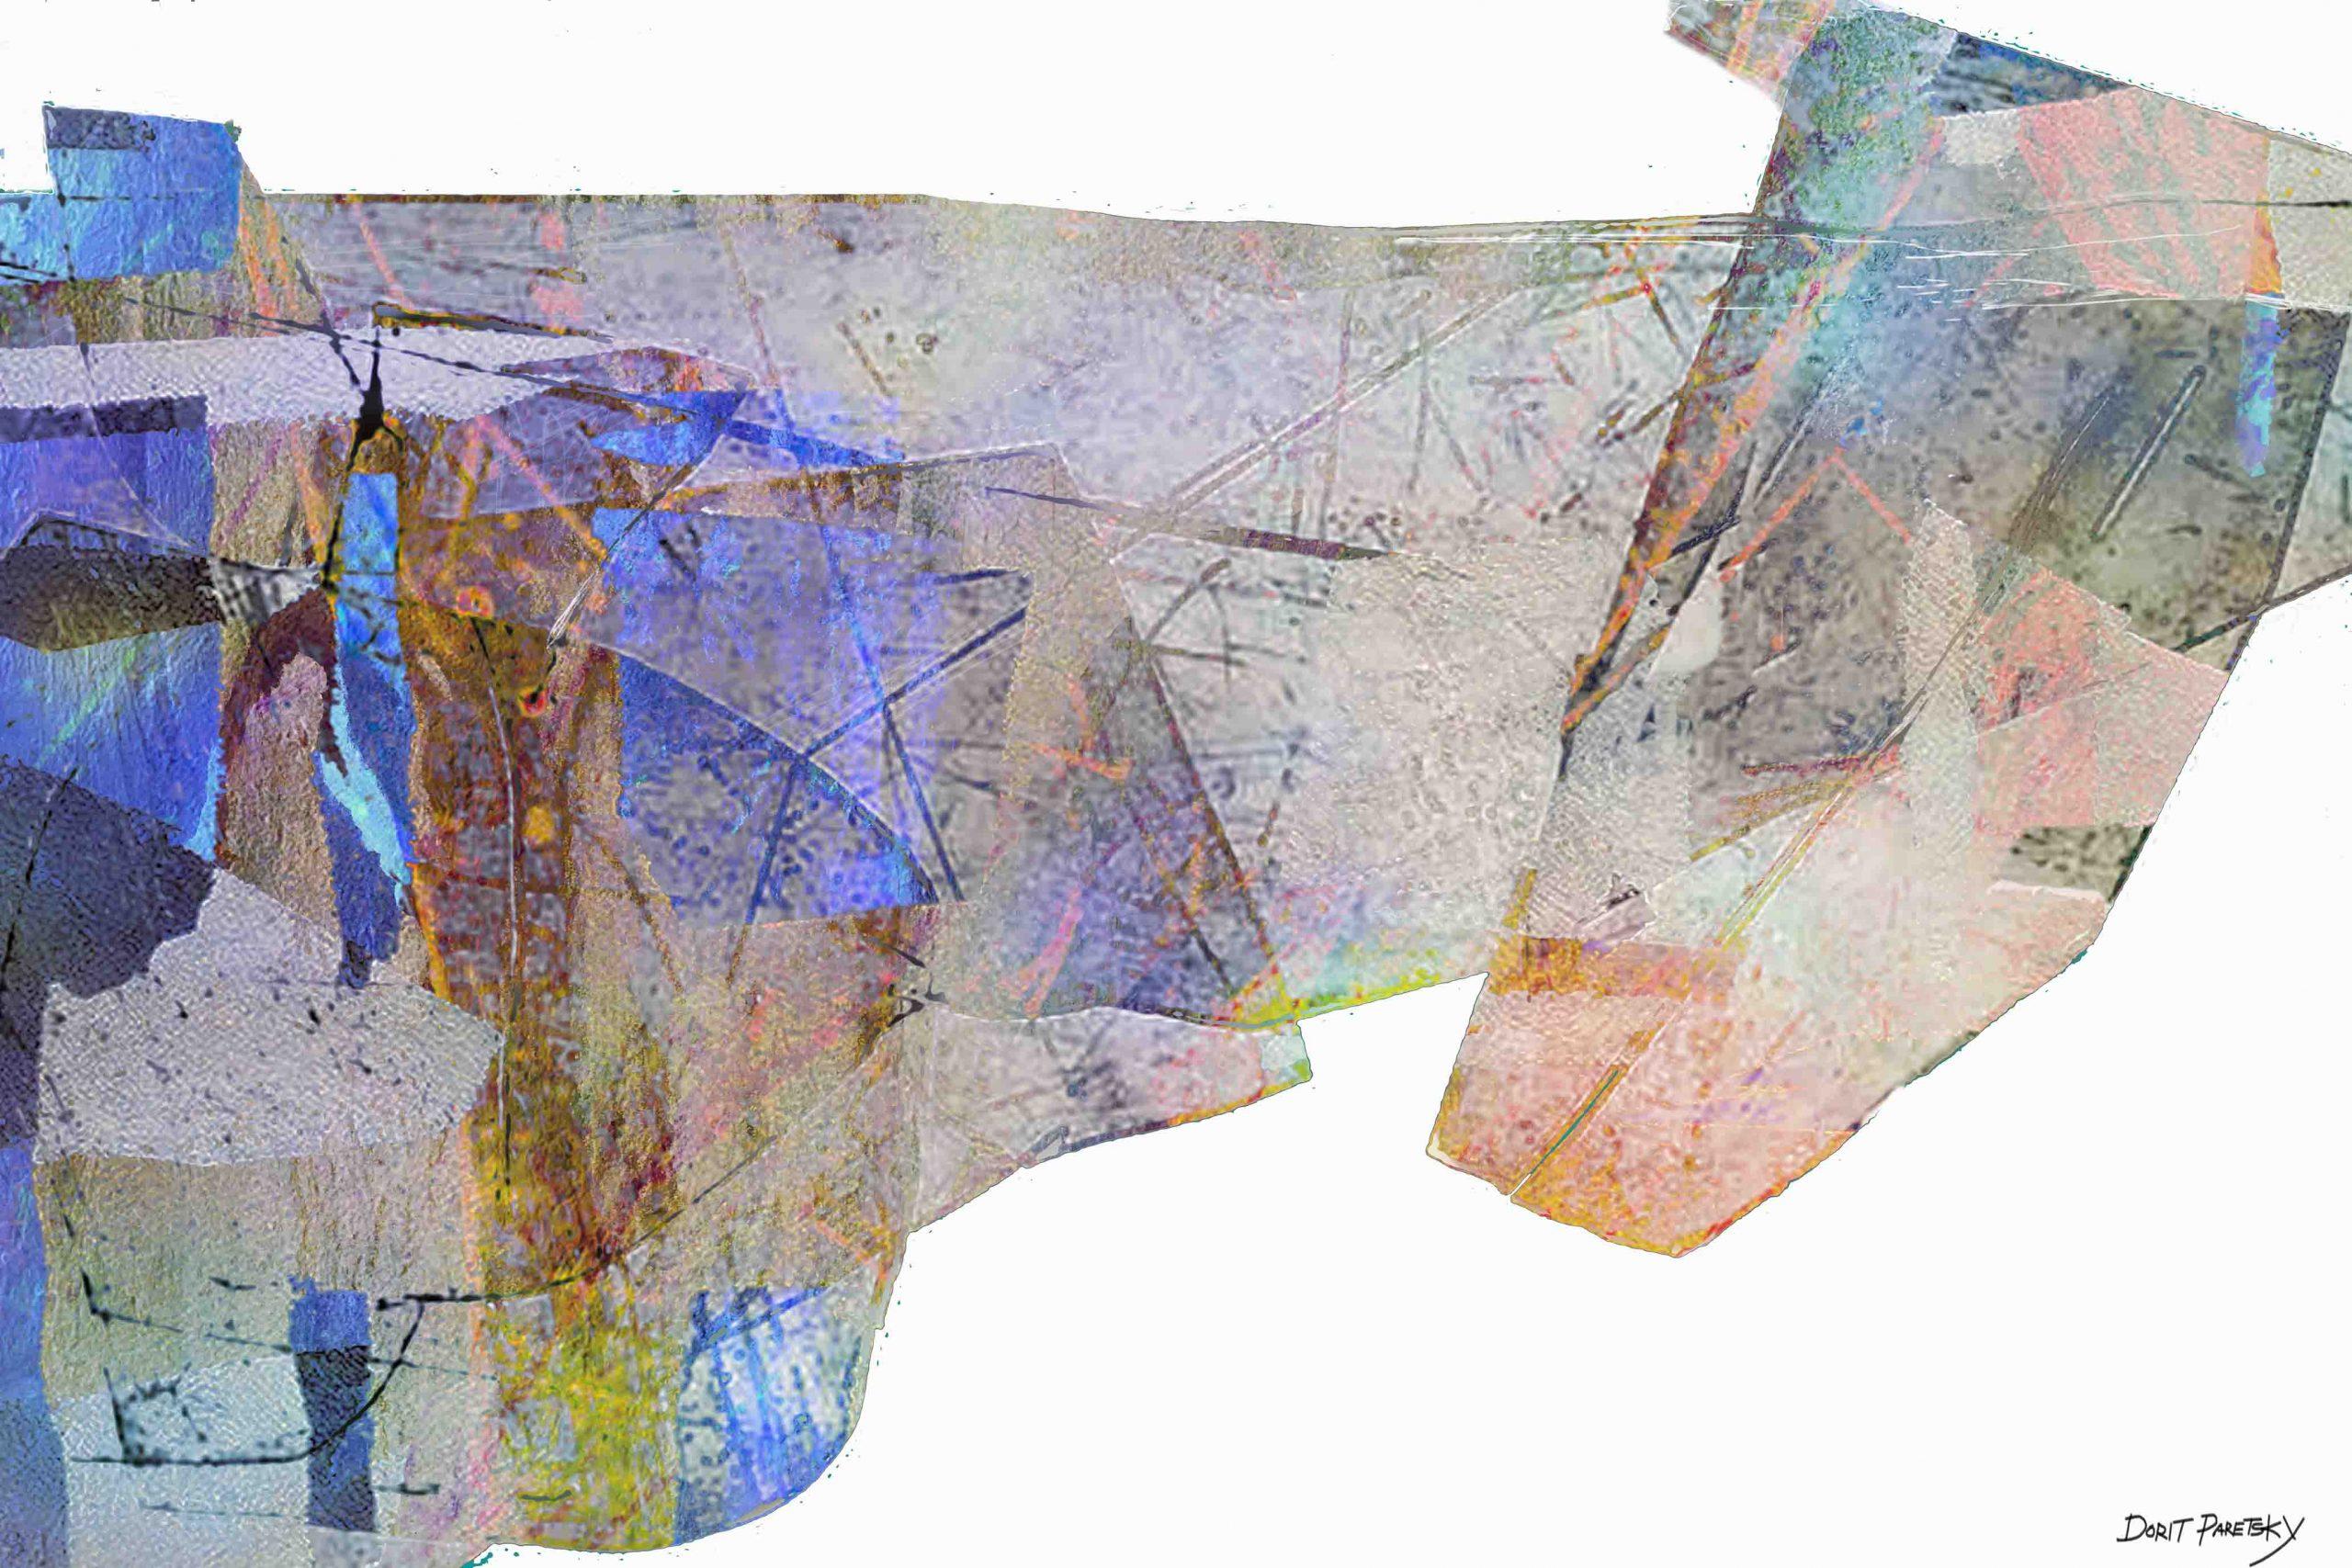 ציור לסלון אבסטרקט דיגיטלי גאומטרי בצבעוניות הרמונית